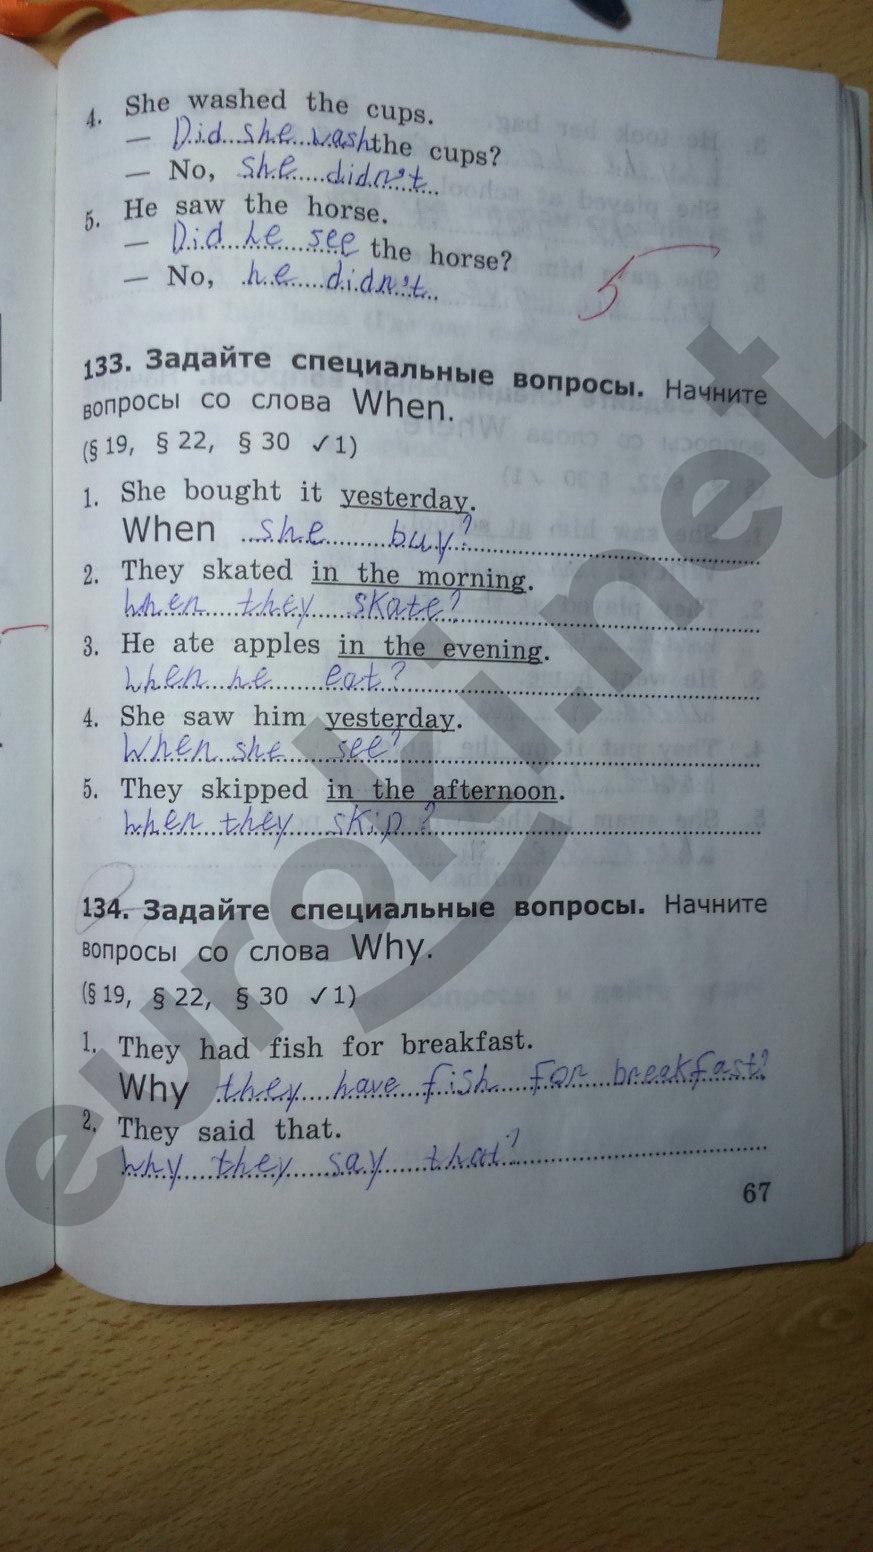 ГДЗ по английскому языку 3 класс рабочая тетрадь Барашкова Е.А. Часть 1. Задание: стр. 67